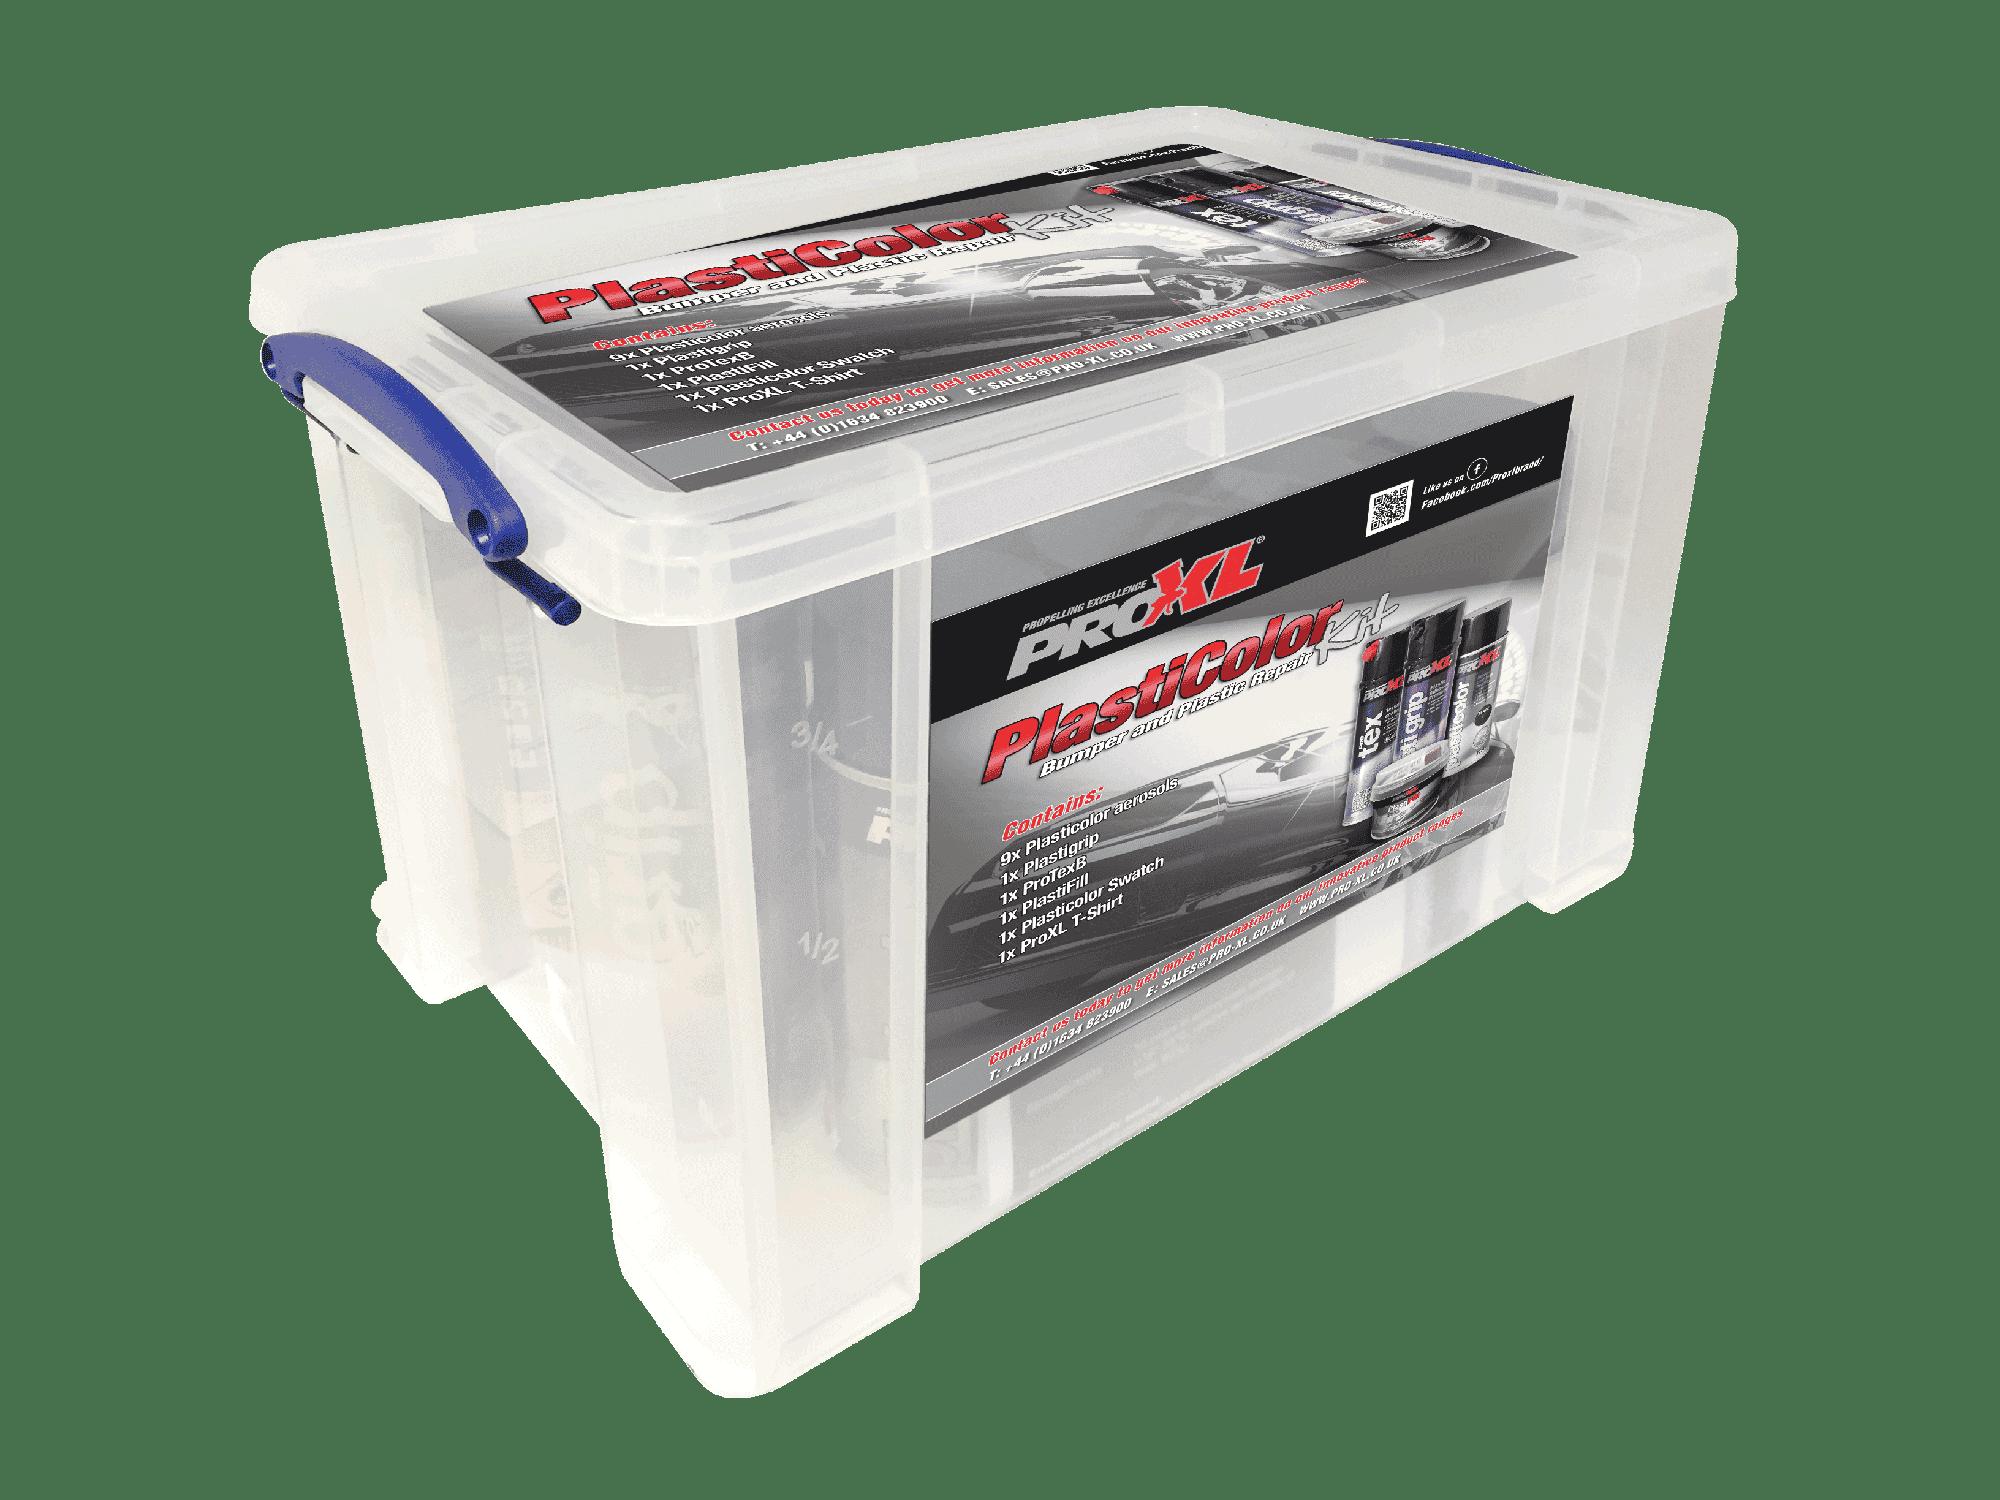 PlastiColour Bumper Repair Kit Product Image